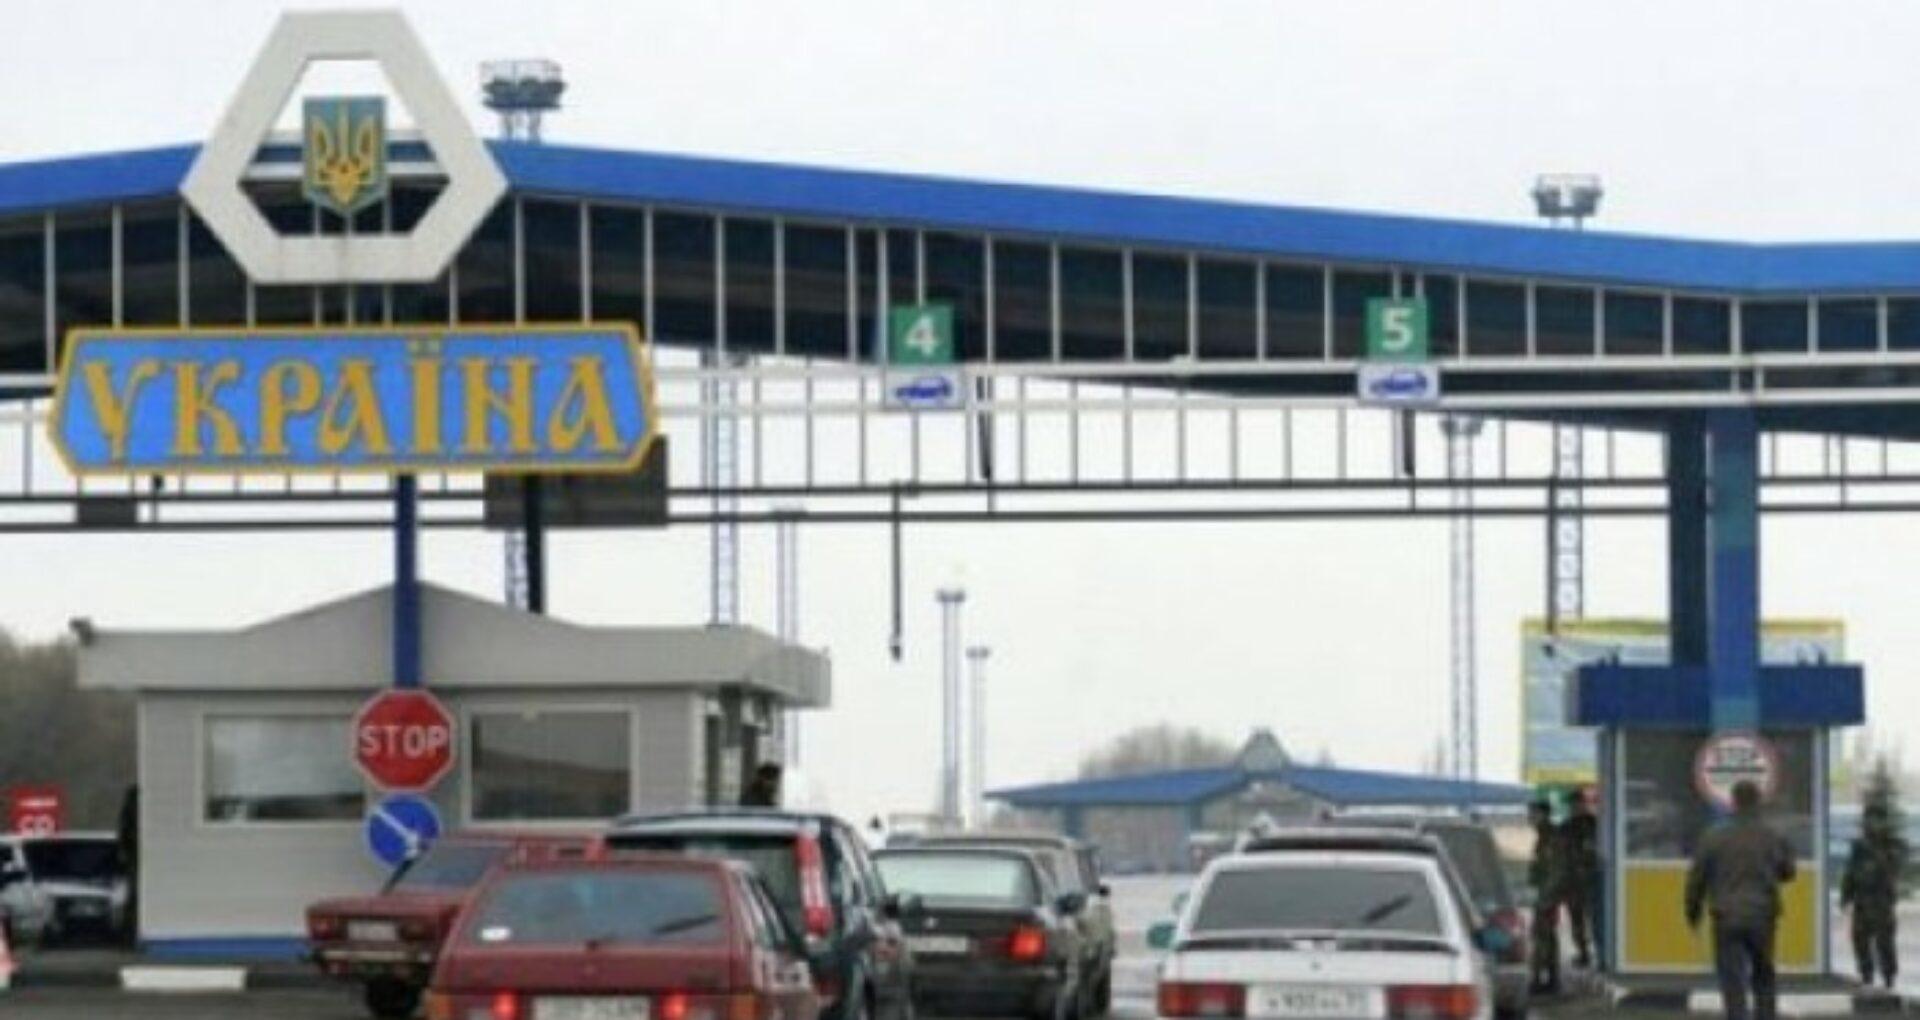 Condițiile în care cetățenii R. Moldova pot călători în Ucraina. În absența poliței de asigurare, rezultatului negativ al testării sau  certificatului privind vaccinarea cu ambele doze trecerea frontierei de stat a Ucrainei, pentru intrare sau tranzit va fi refuzată